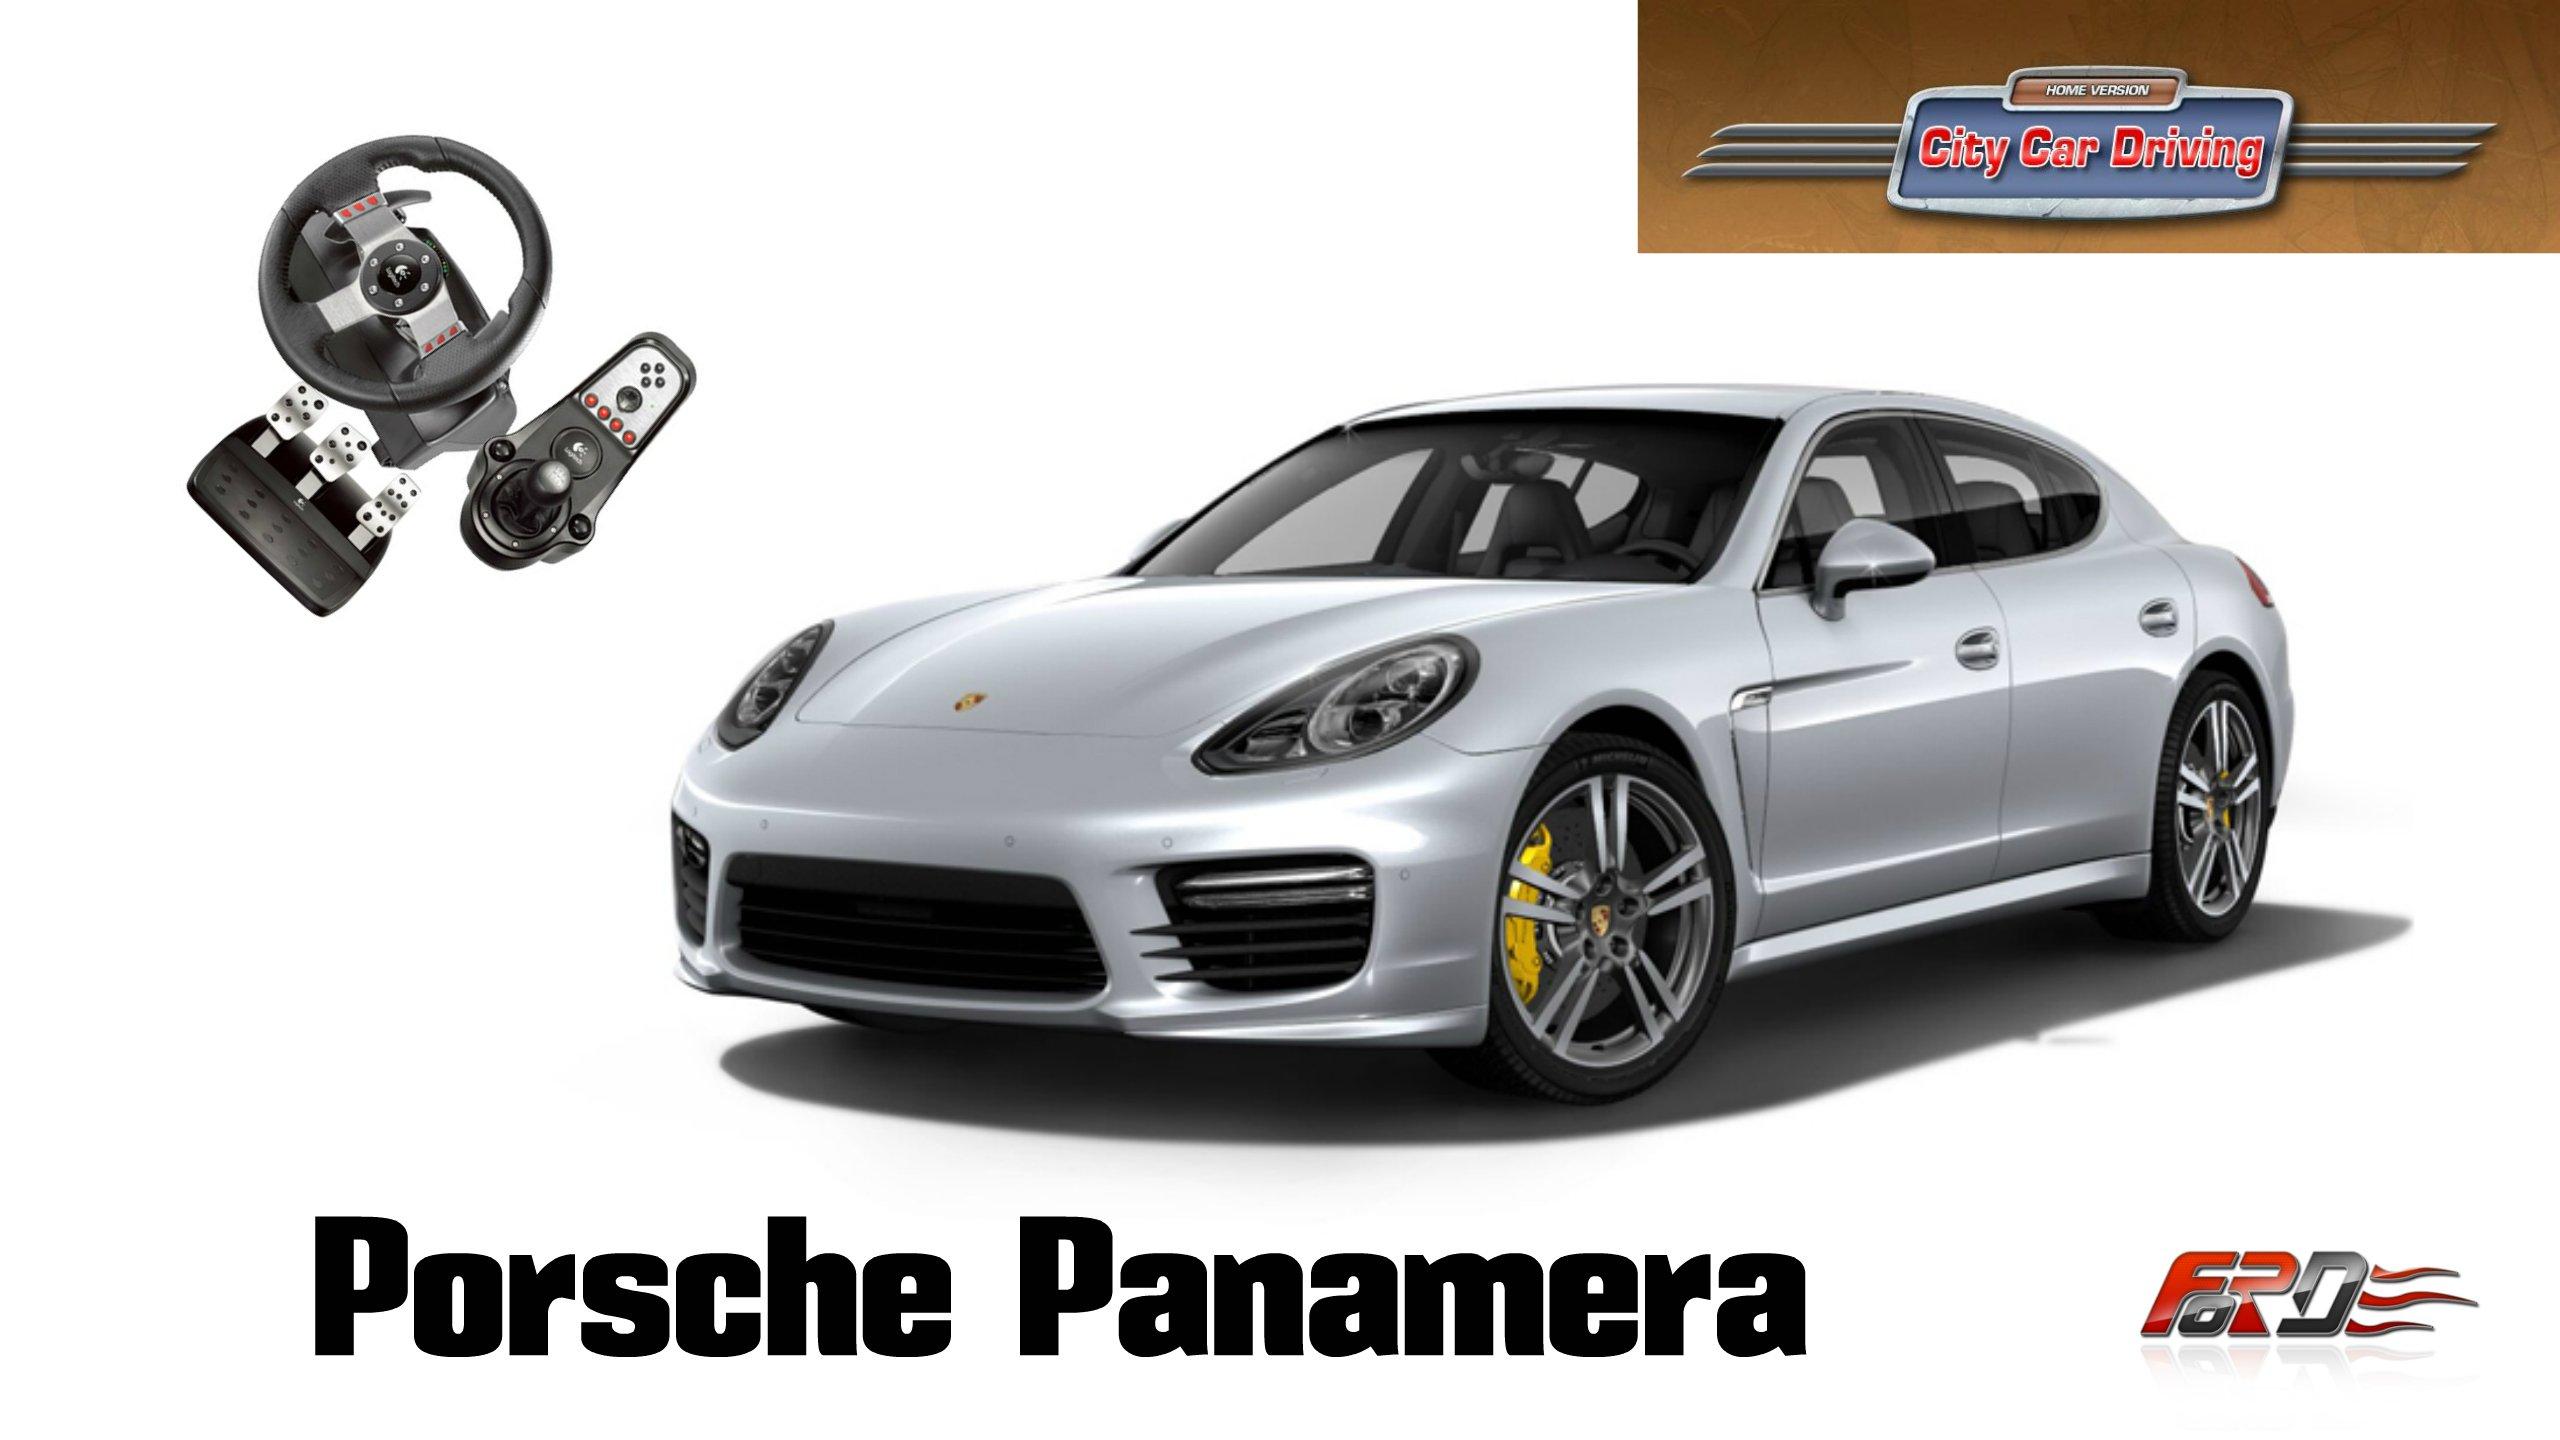 Porsche Panamera - тест-драйв, обзор, динамика и разгон премиум авто в City Car Driving - Изображение 1